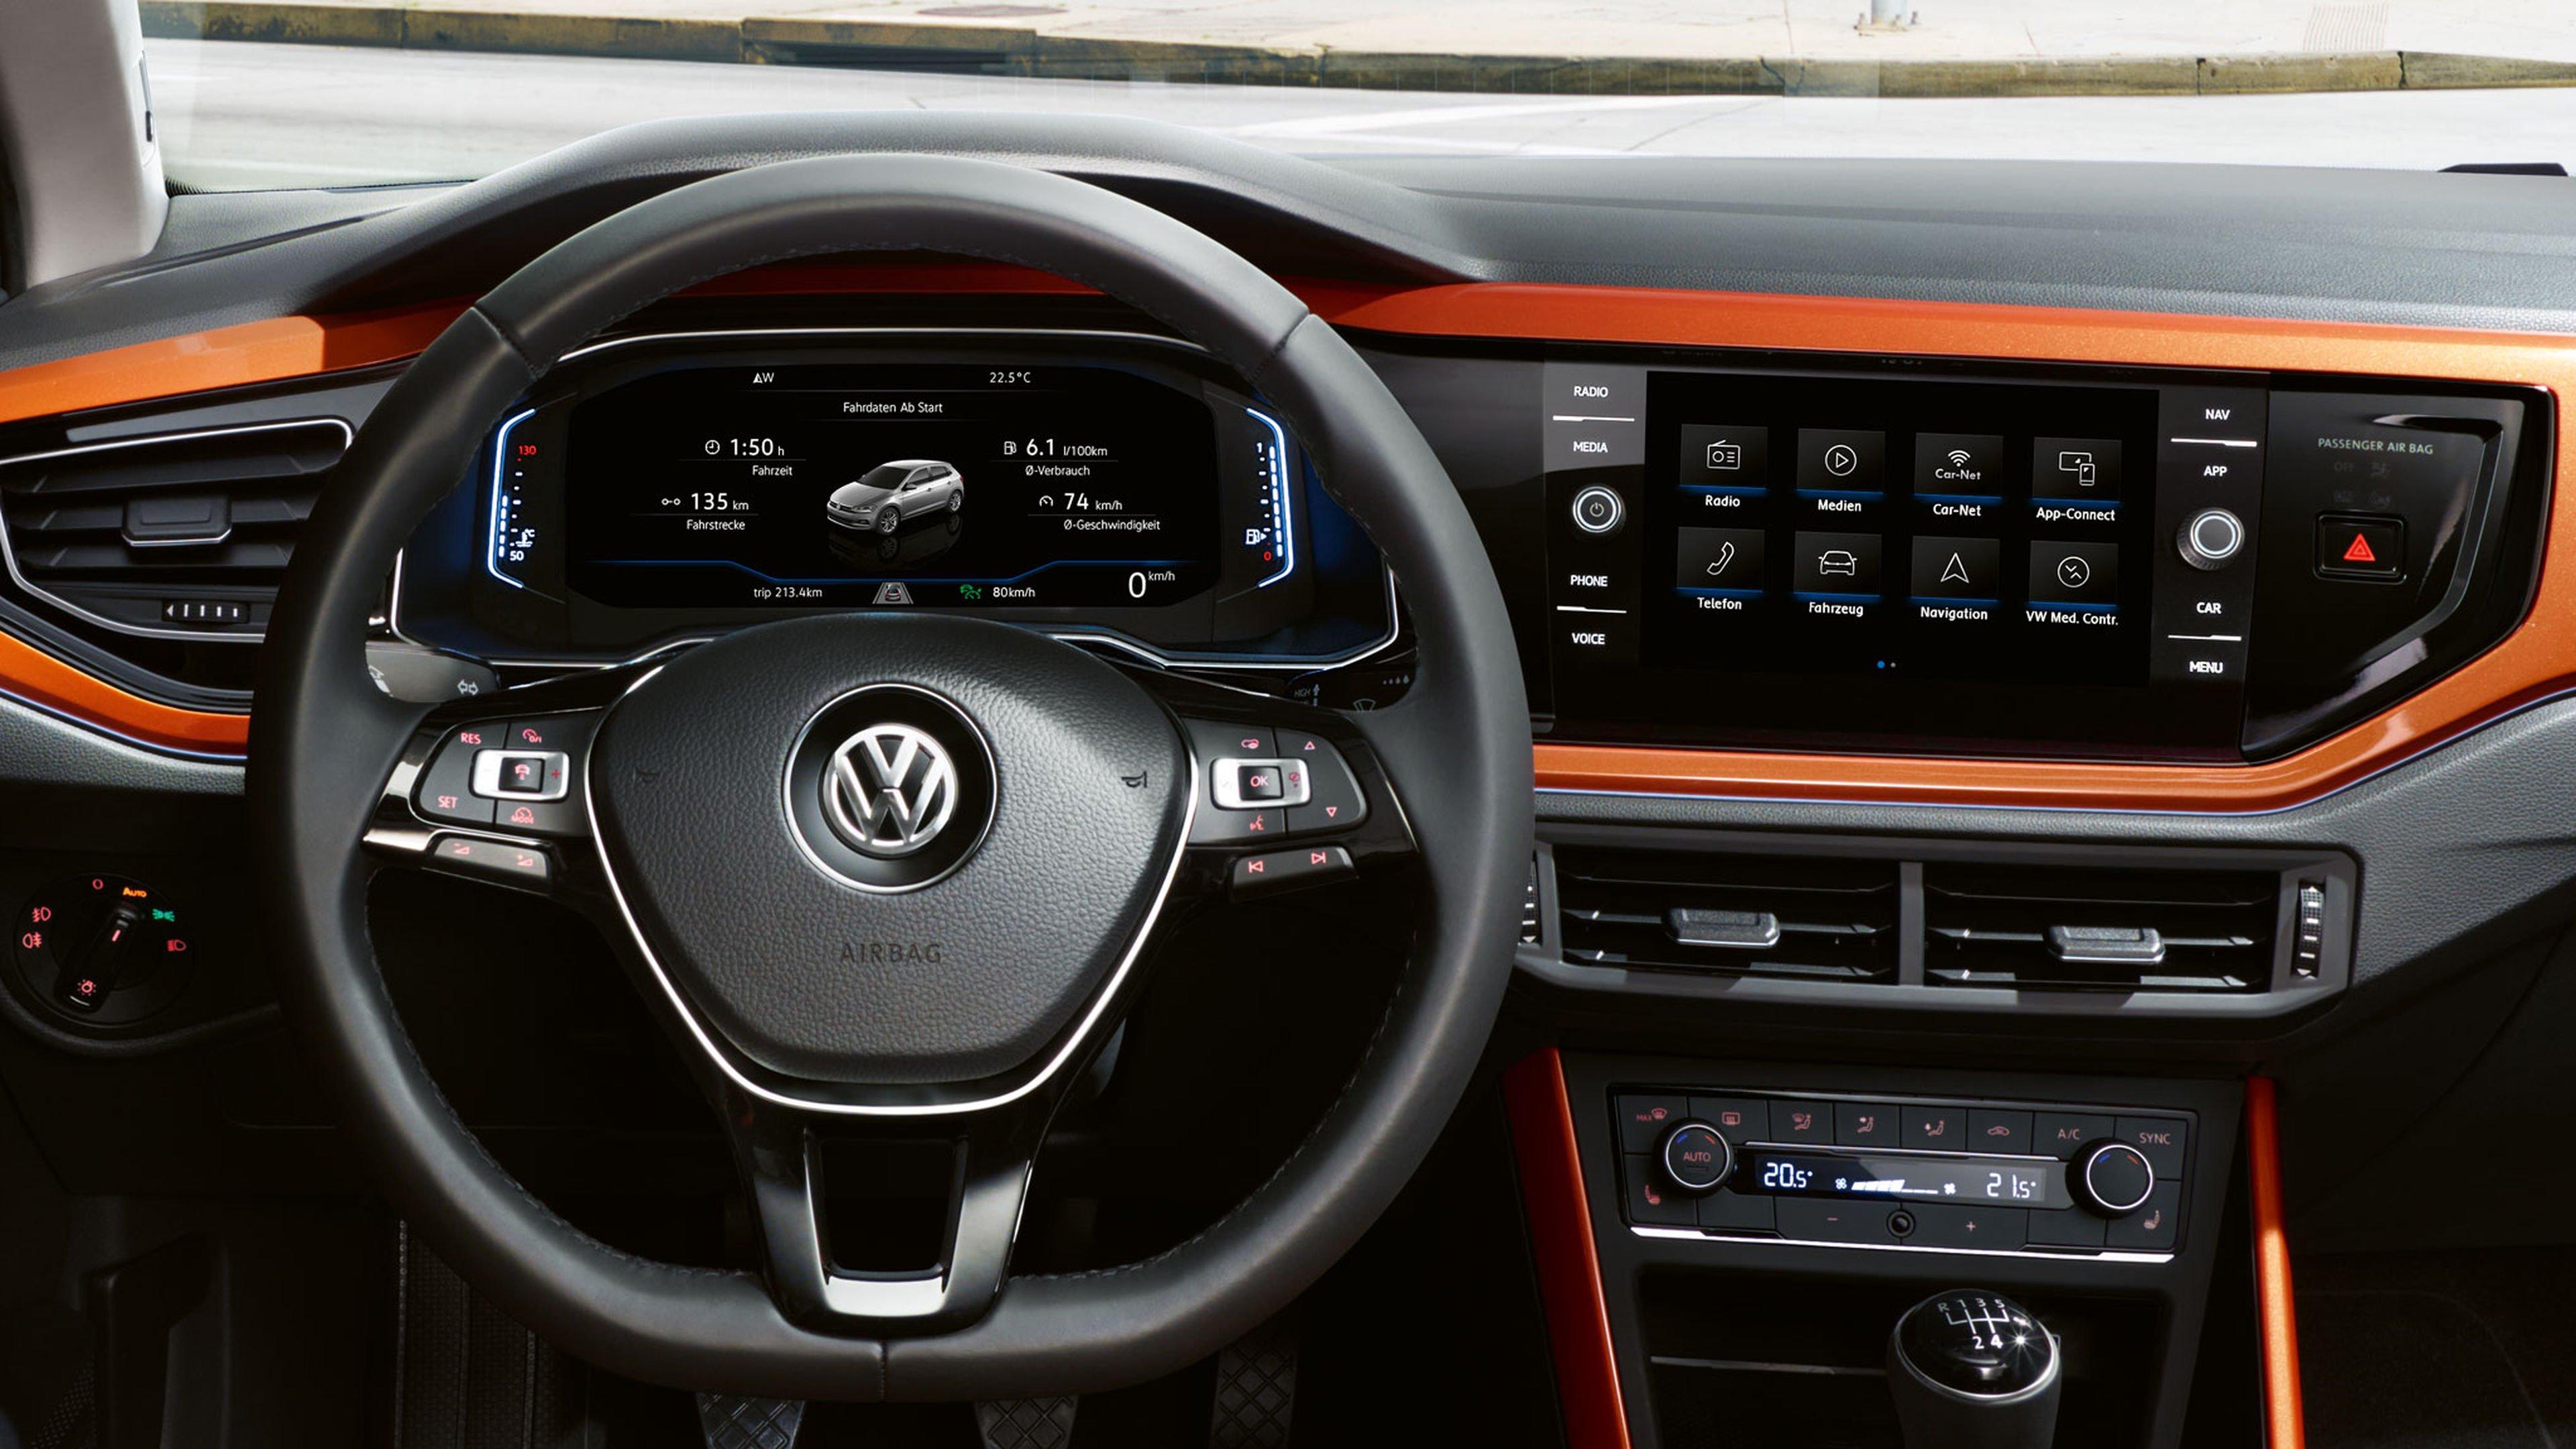 VW отозвал неменее 400 тыс. авто из-за дефекта ремня безопасности